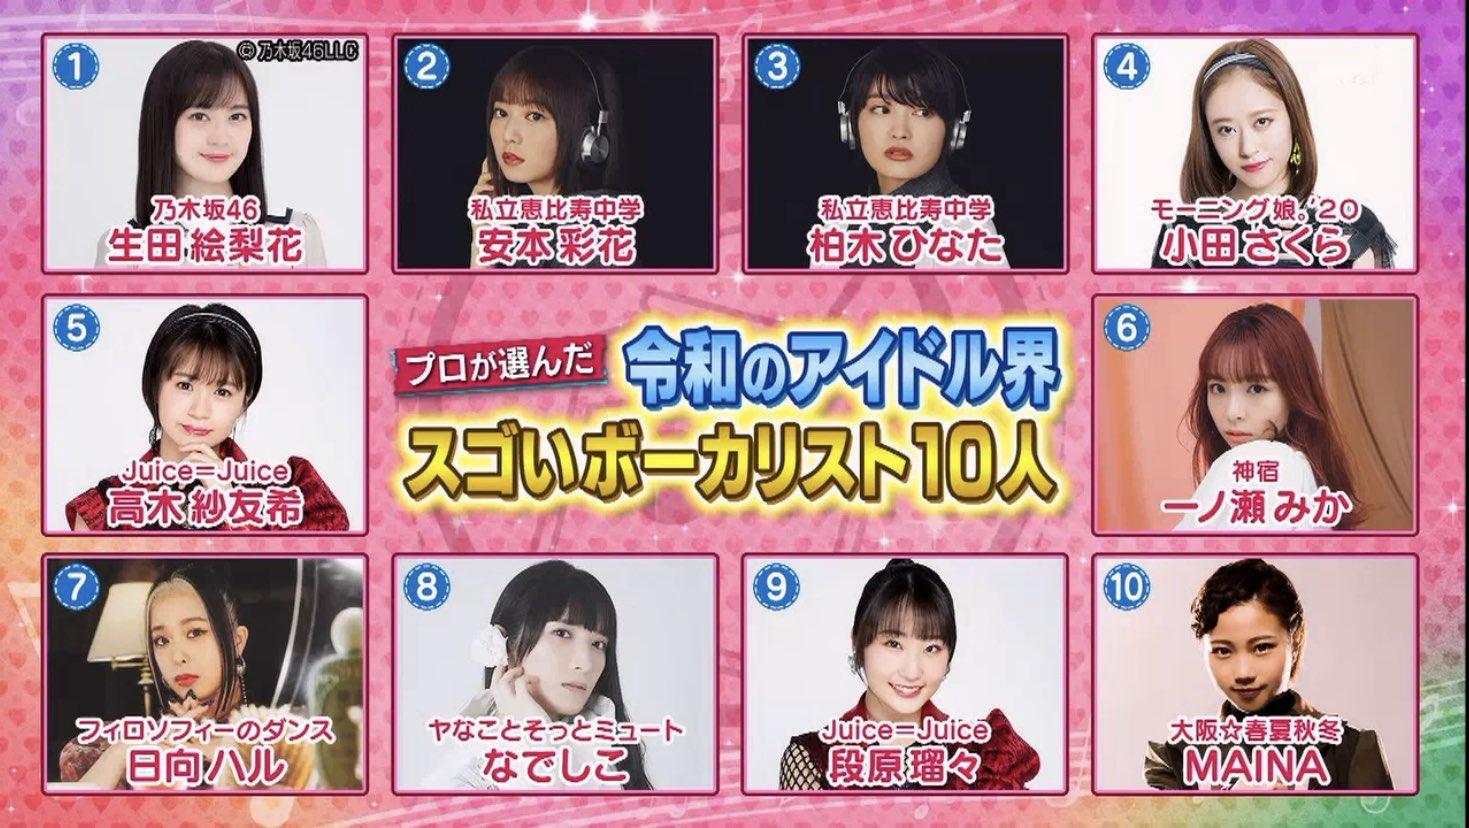 関ジャム 令和のアイドル界スゴいボーカリスト10人2